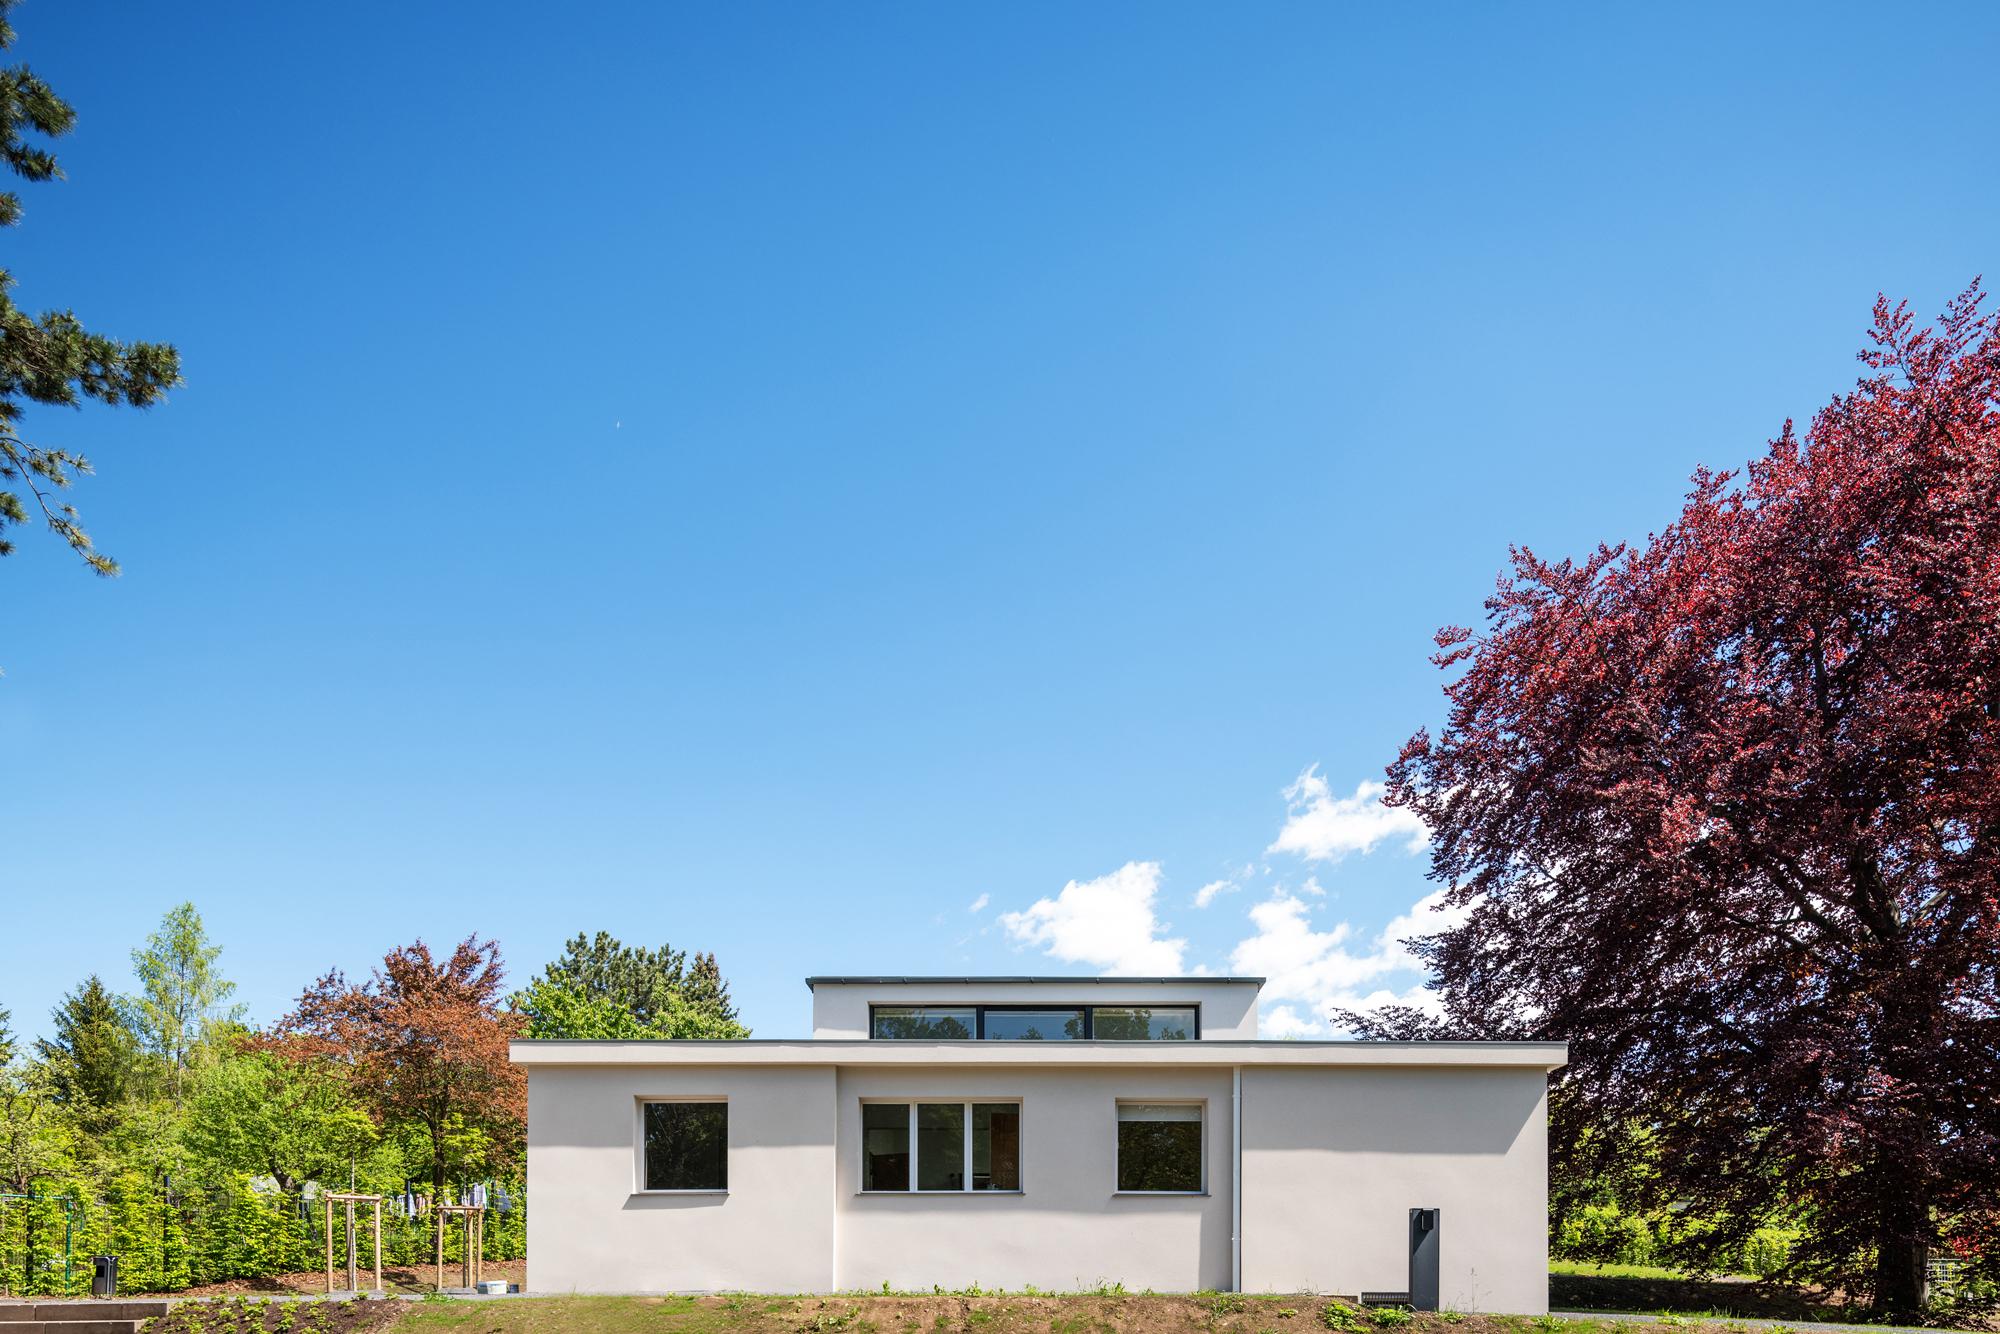 כדאי לראות בביקור בעיר: הבית על ההורן, פרויקט חלוצי של הבאוהאוס (צילום: Thomas Müller)